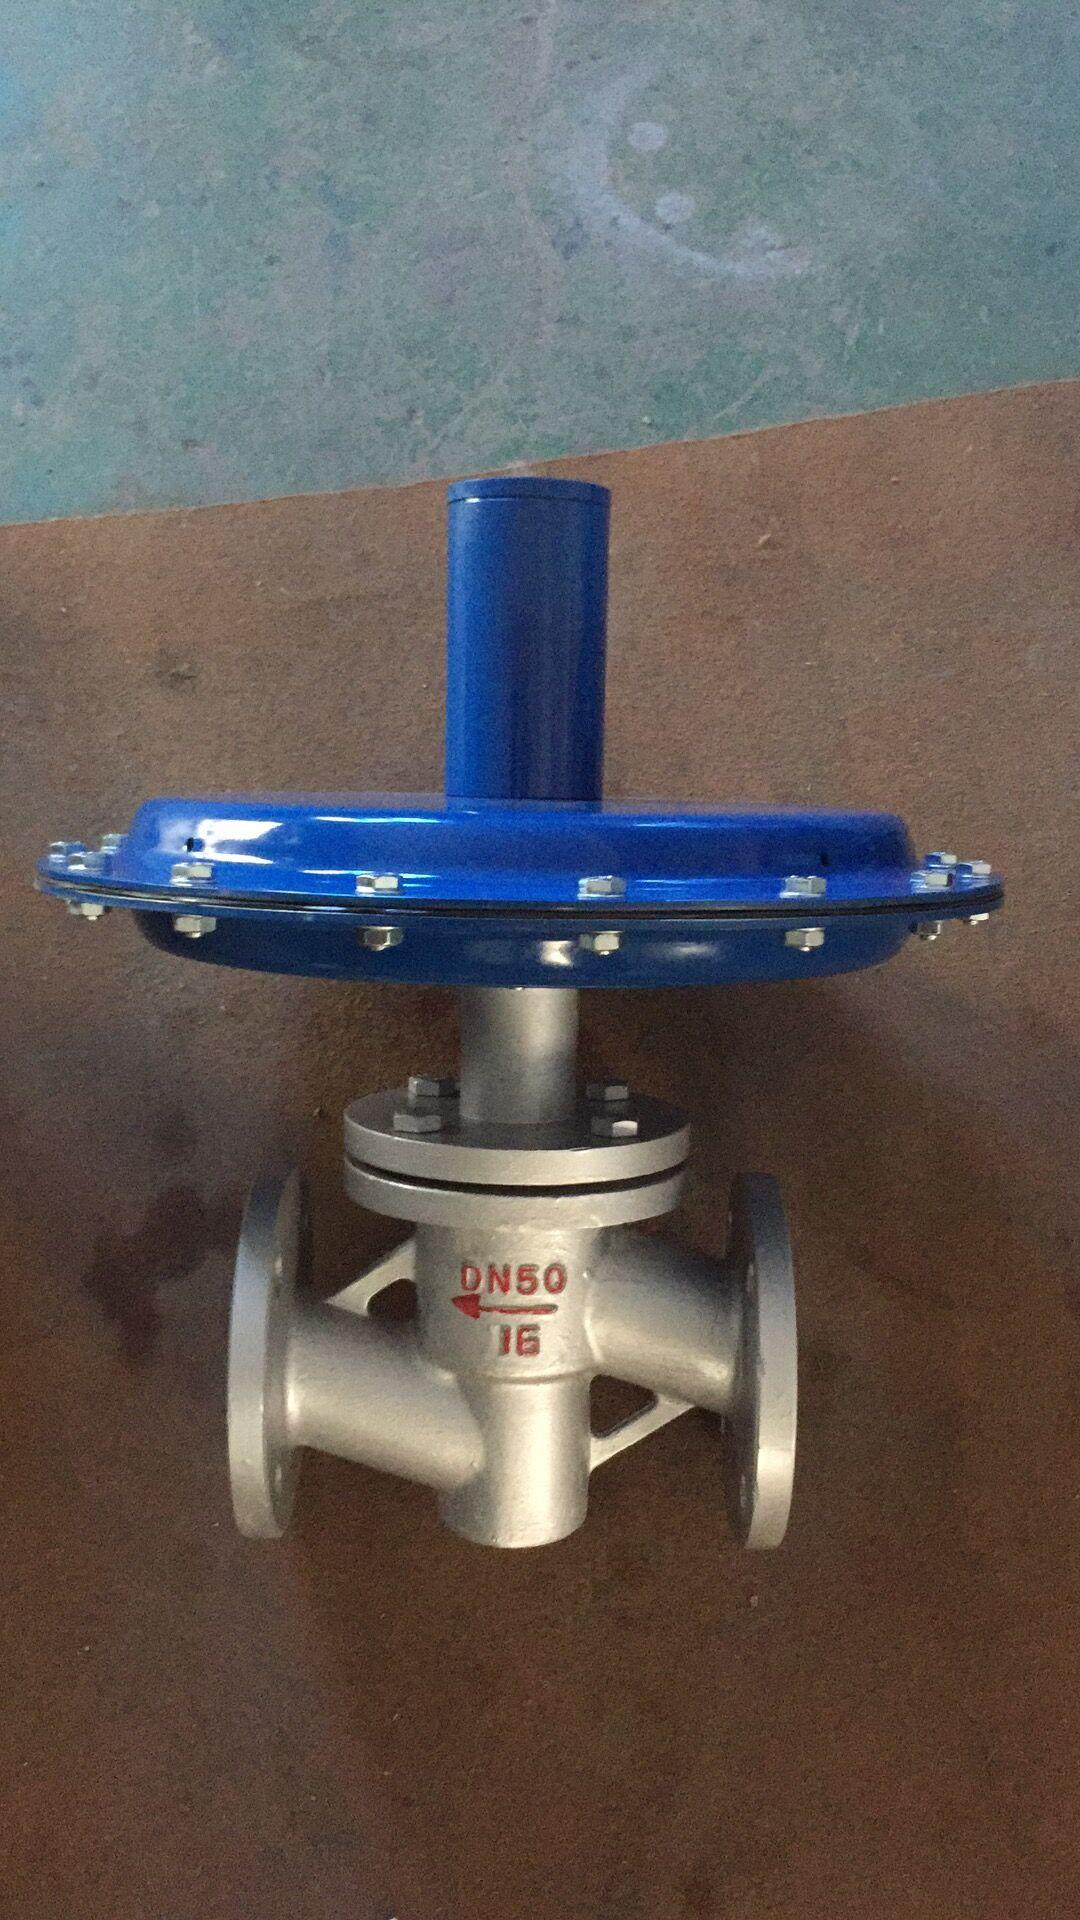 燃气减压阀可用于工业燃烧炉系统,控制两种物料,如煤气,空气流量配比图片